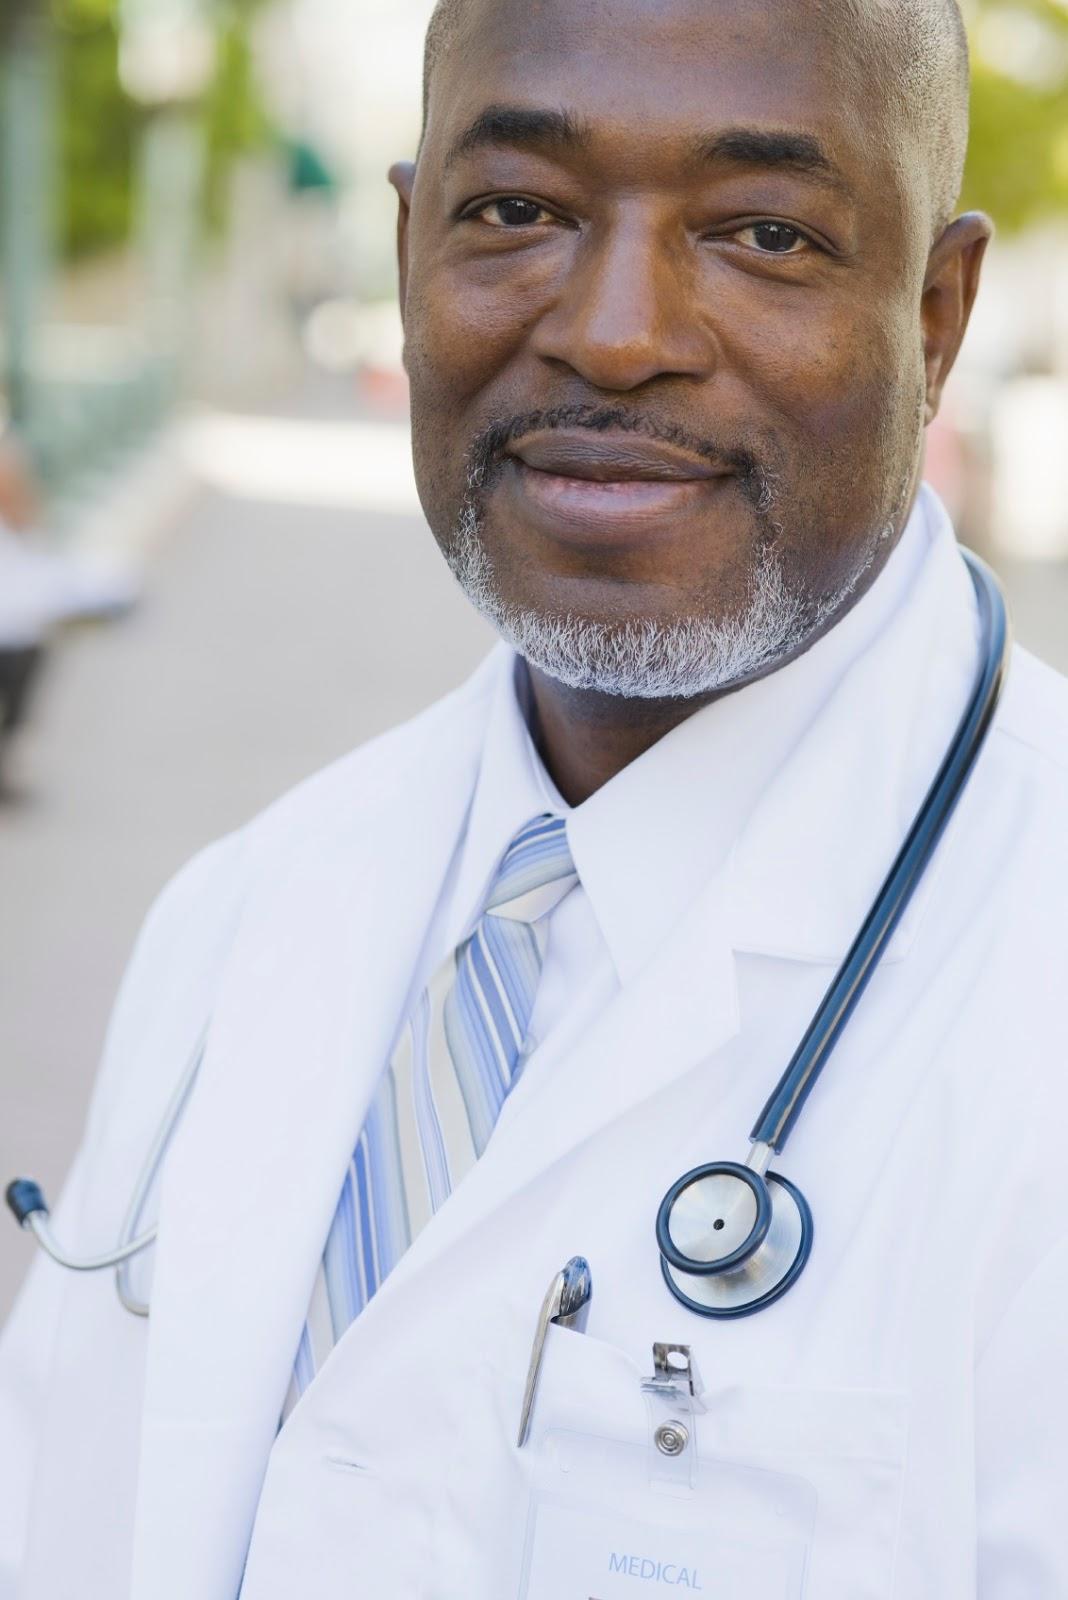 Black medical doctor.